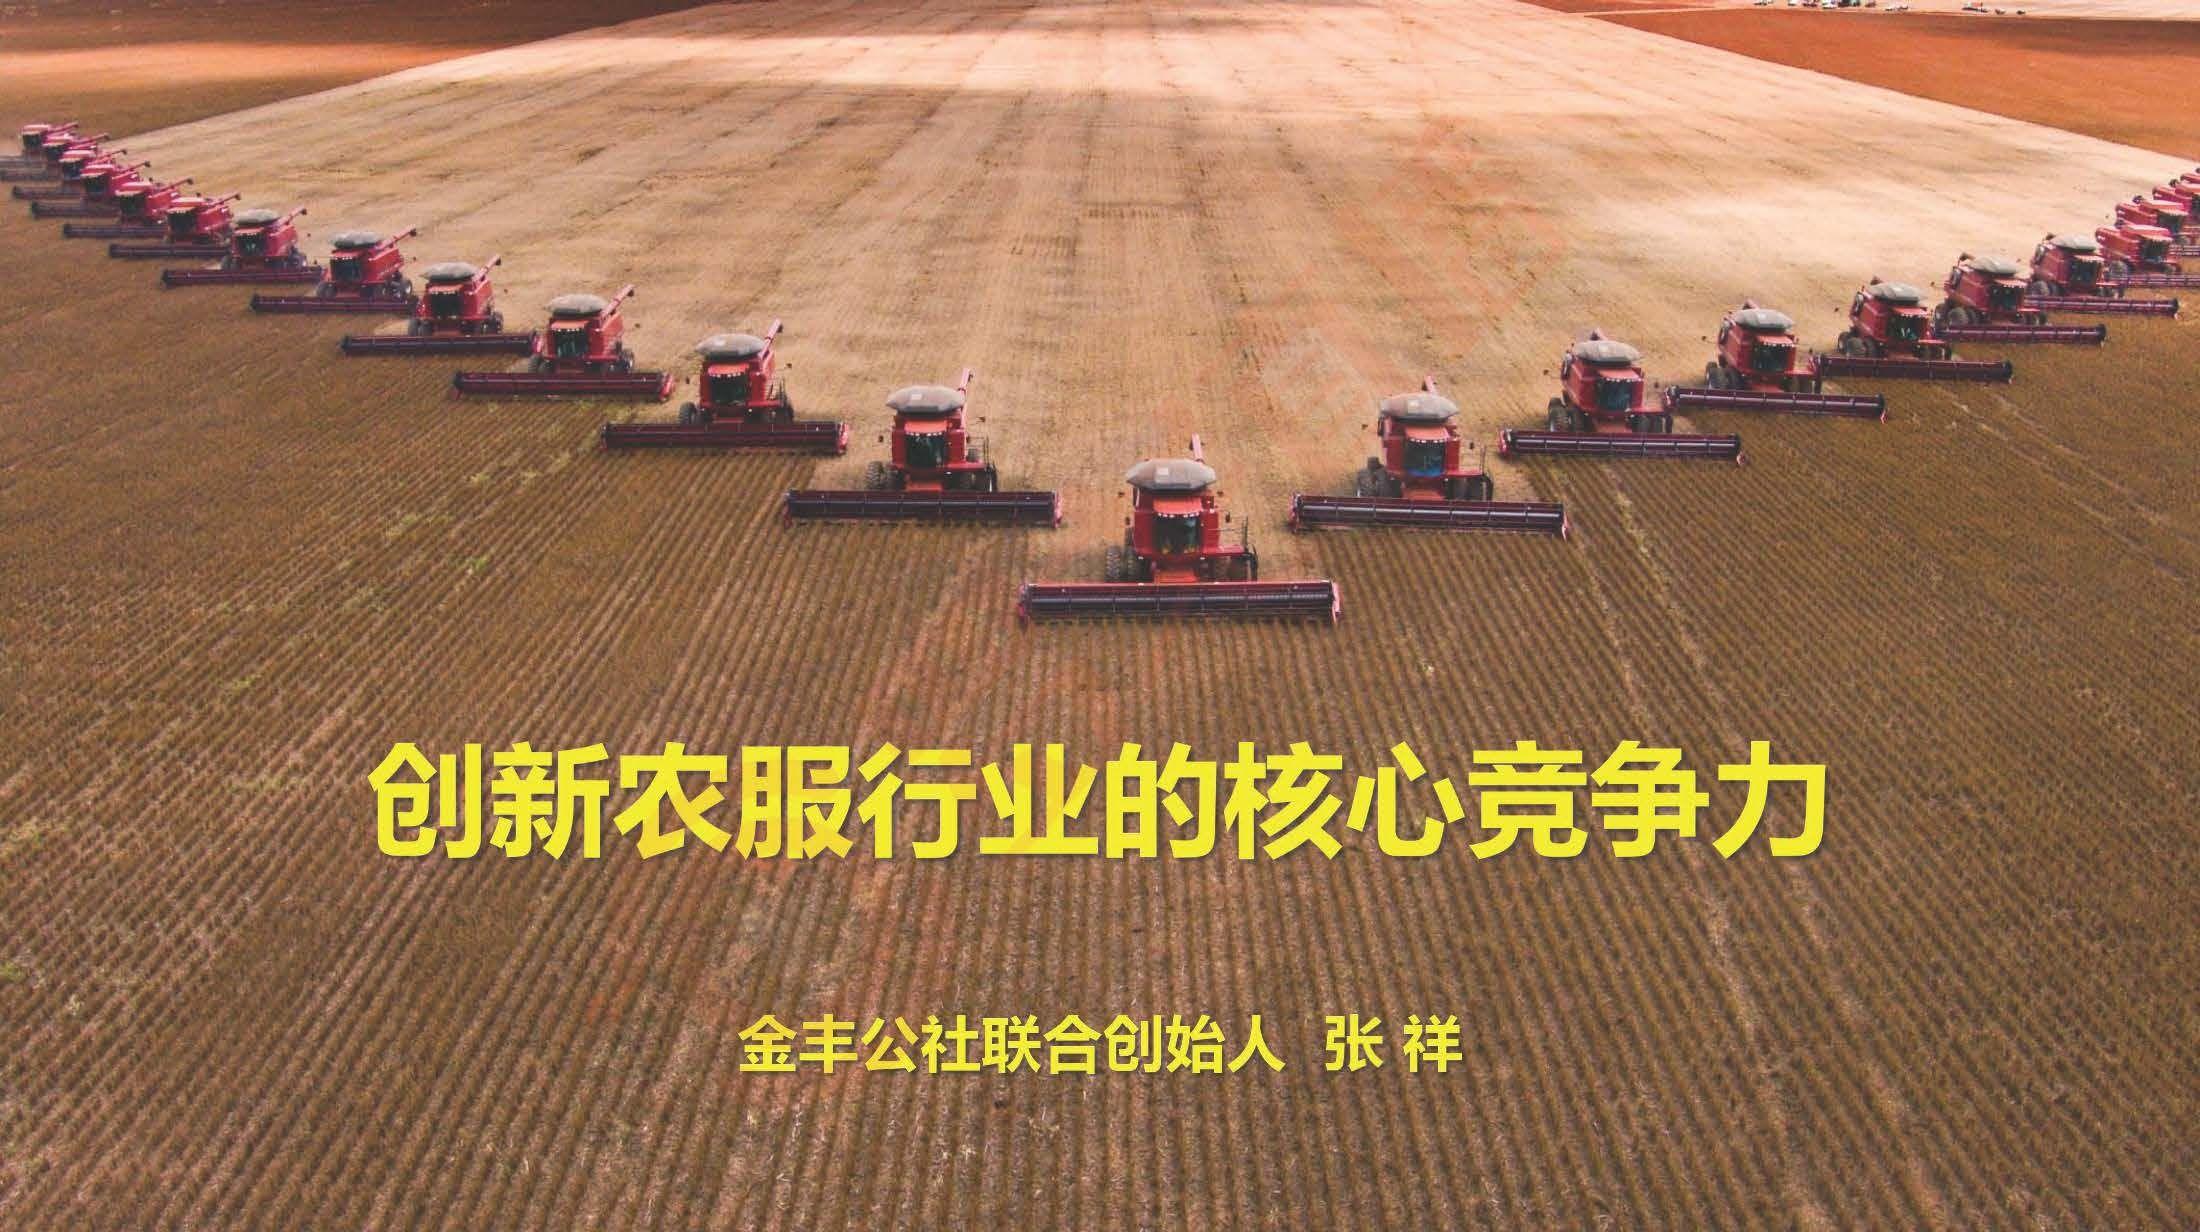 金豐公社:創新農服行業的核心競爭力(附下載)